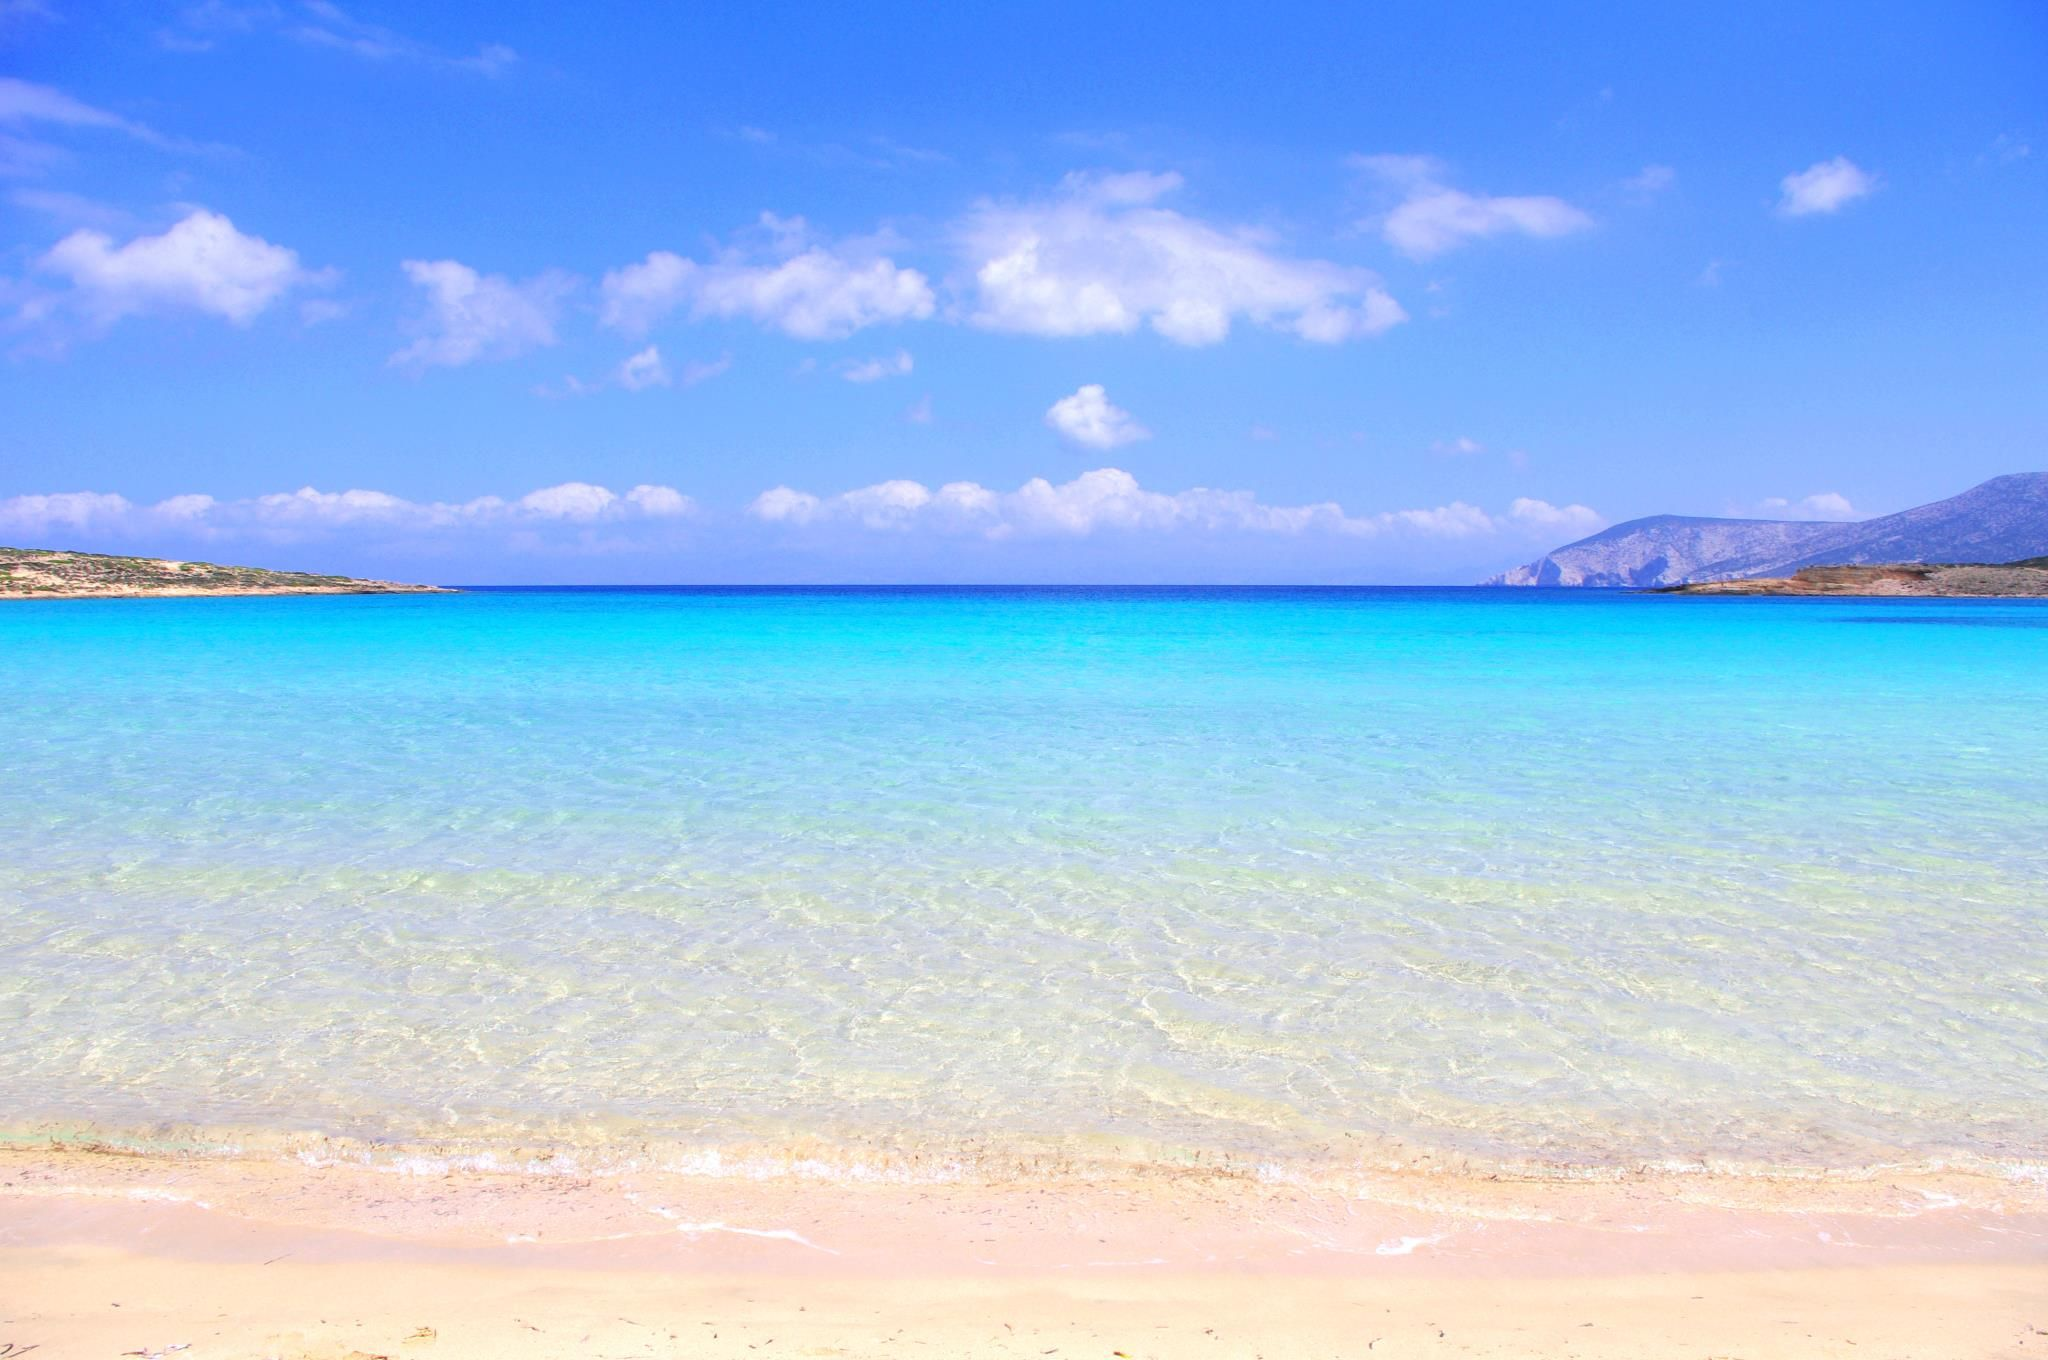 18 ΚΟΥΦΟΝΗΣΙΑ ideas | νησί, ελλάδα, ταξίδια